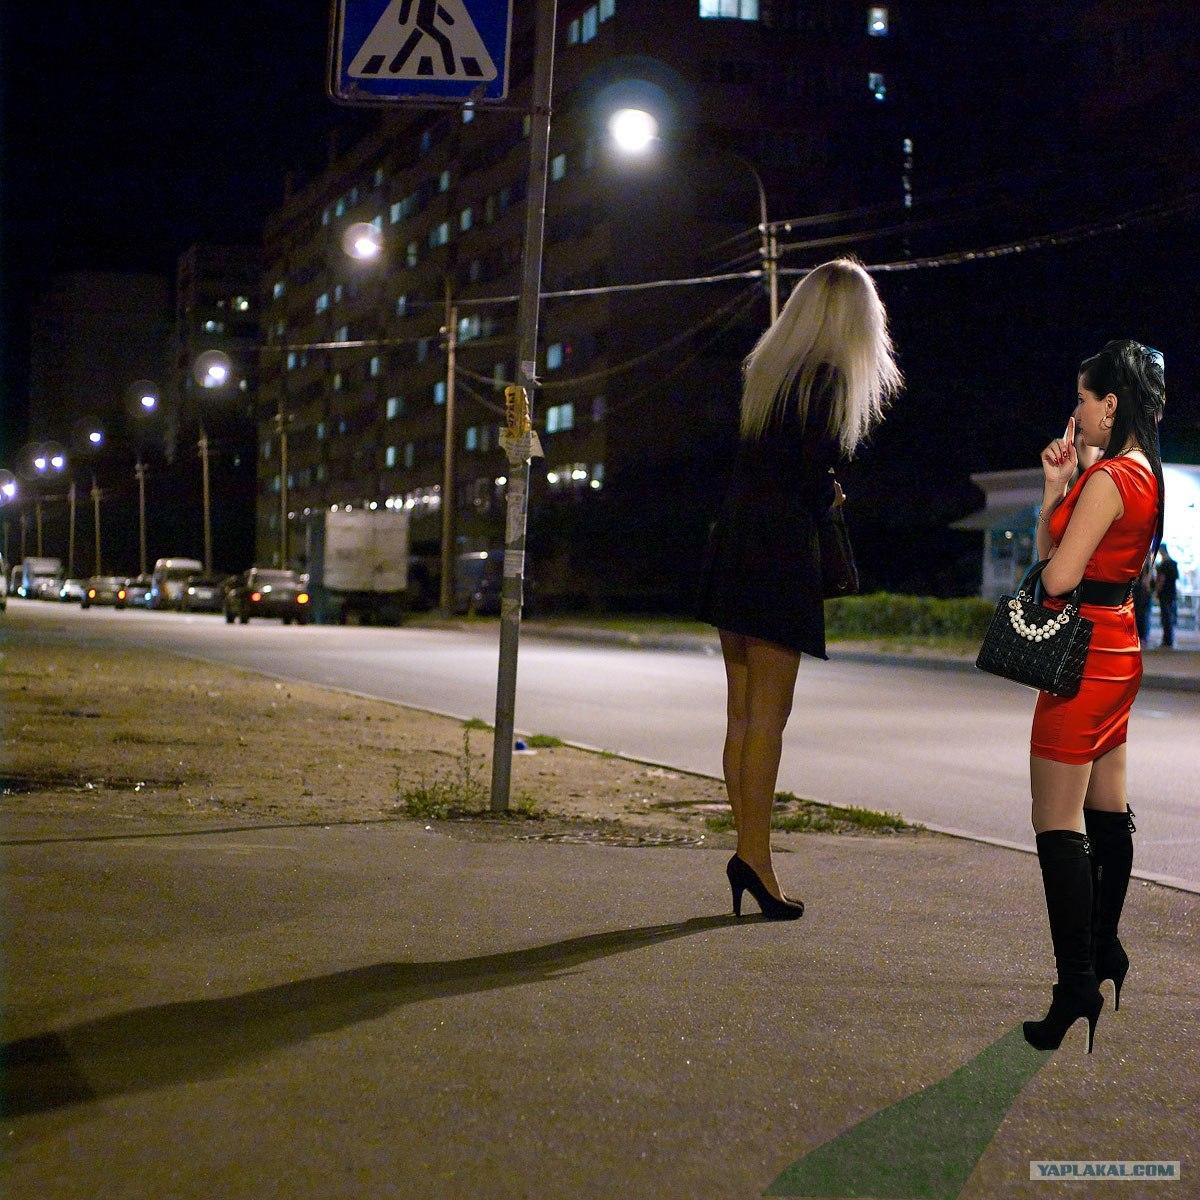 Куда безопасно идти работать проституткой интересное